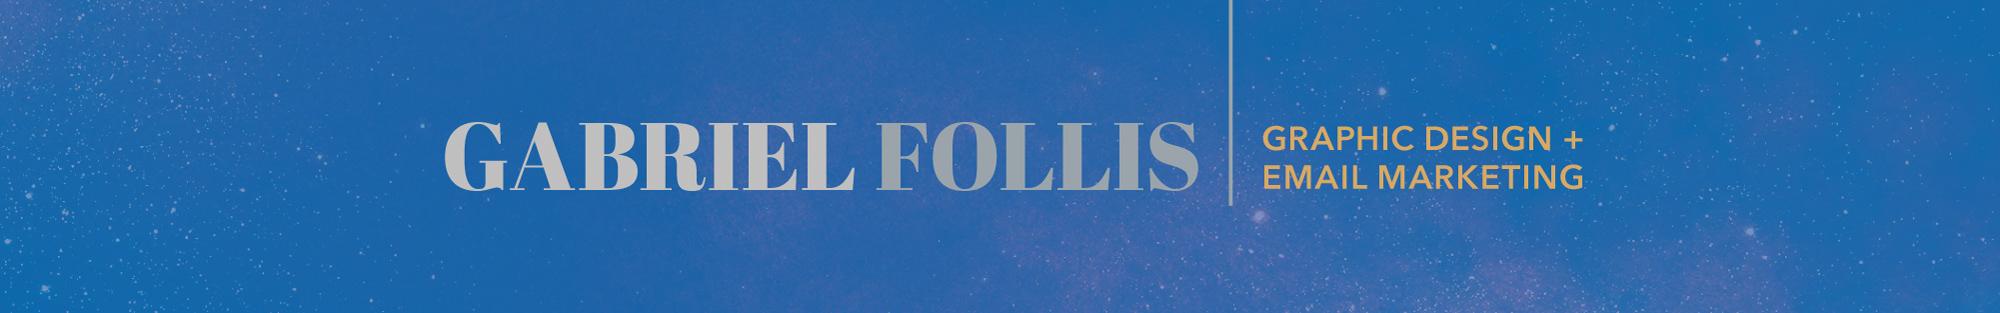 Gabriel Follis